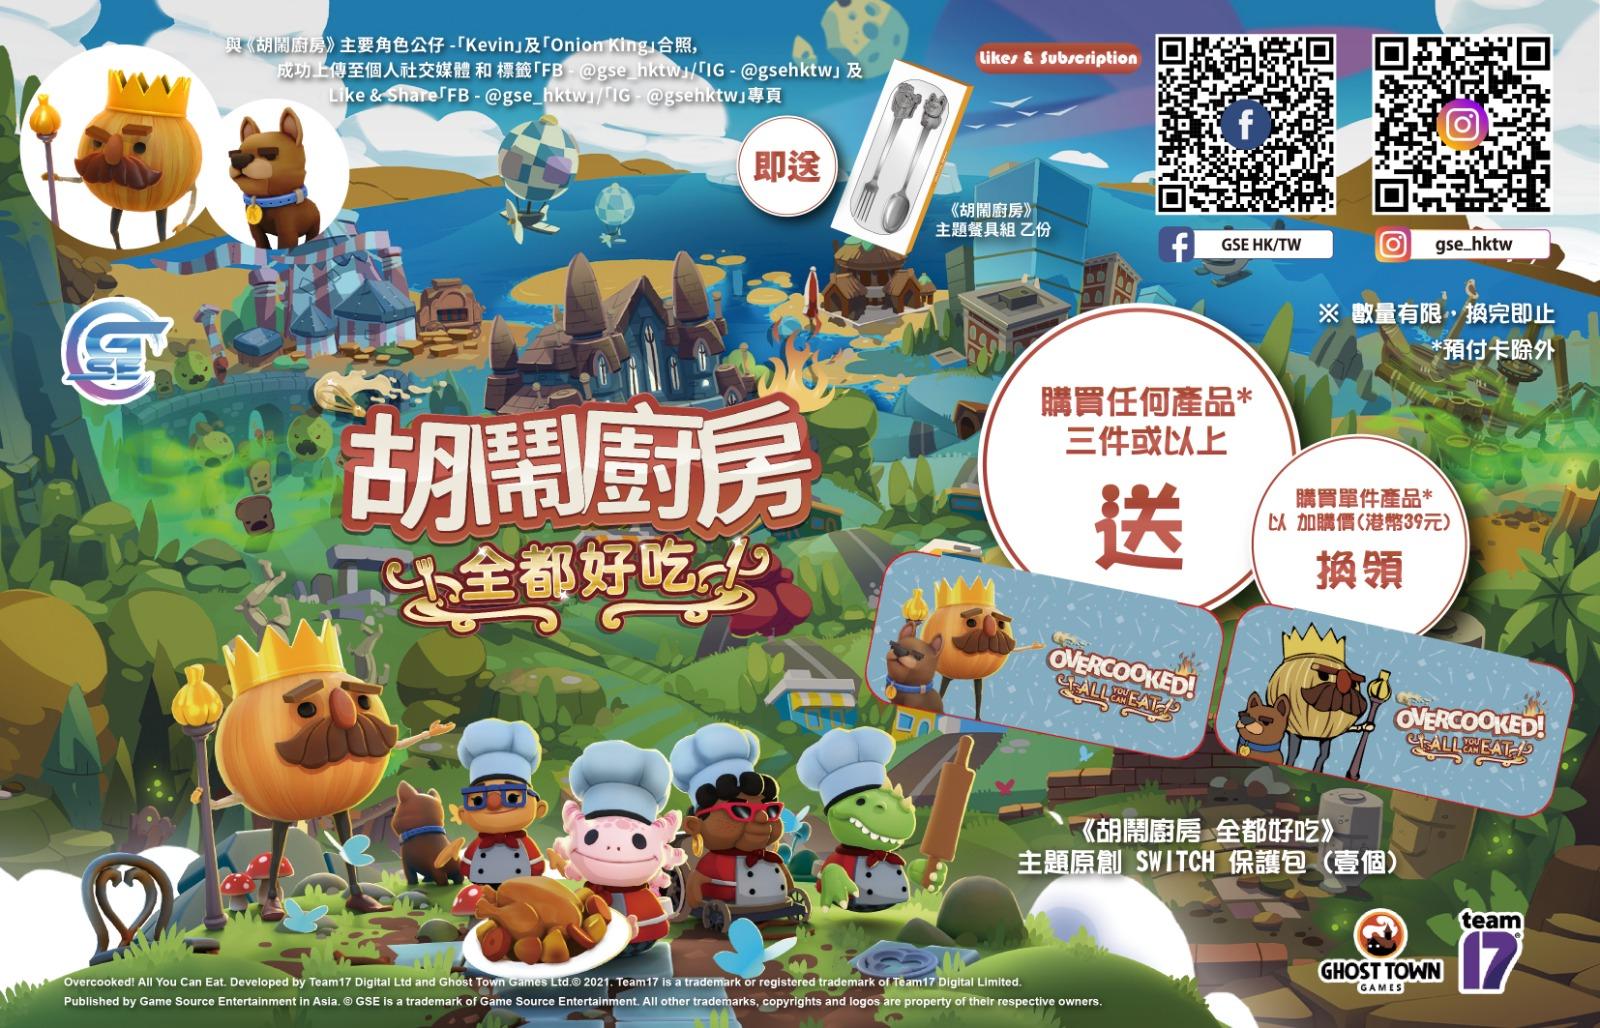 第22屆香港動漫電玩節, ACGHK 2021, 胡鬧廚房 全都好吃, 主題保護包, Nintendo Switch, Game Source Entertainment, GSE,